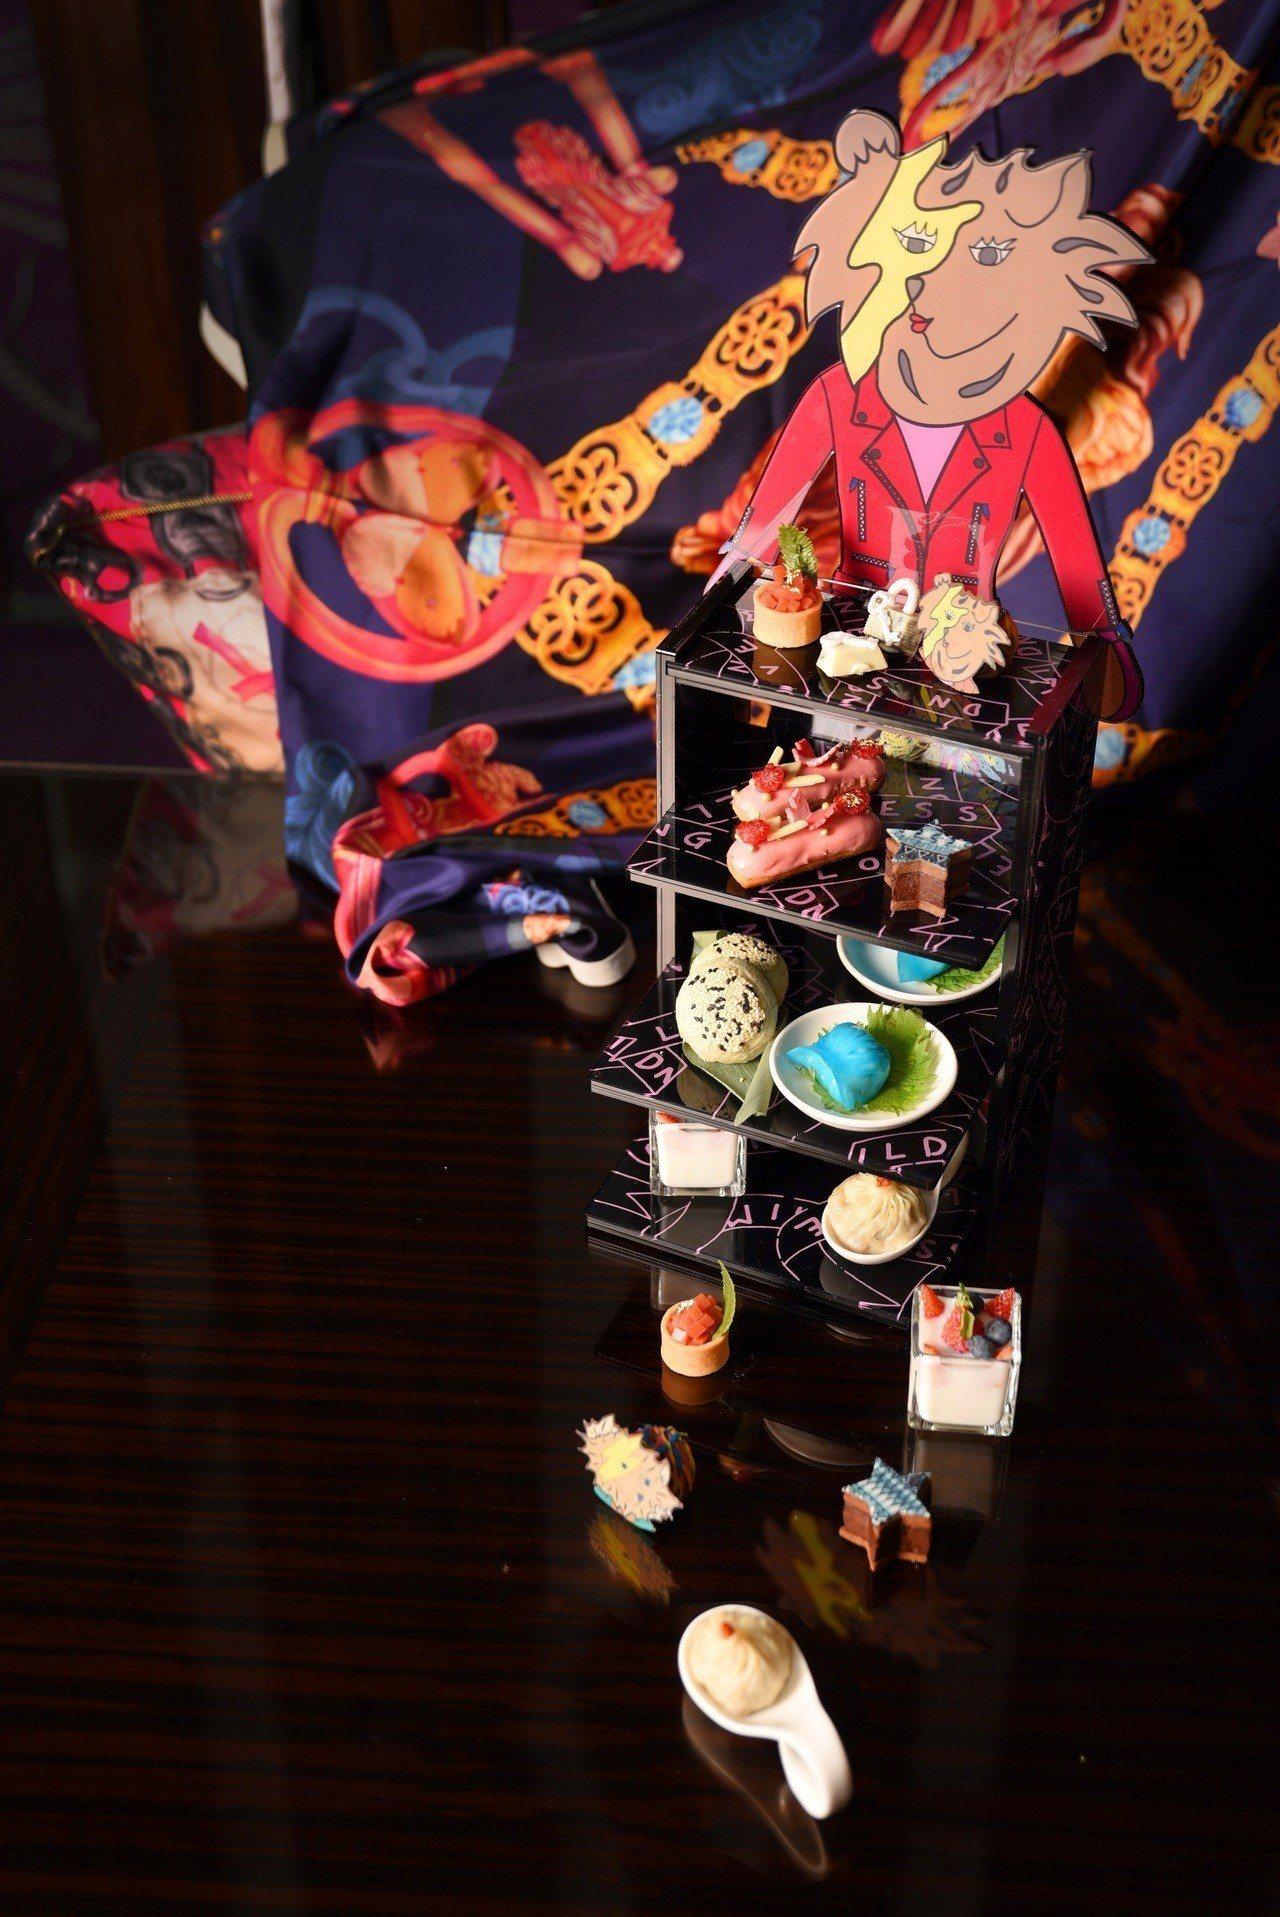 台北W飯店聯手Daniel Wong推出「狂艷部落」雙人下午茶。圖/台北W飯店提...